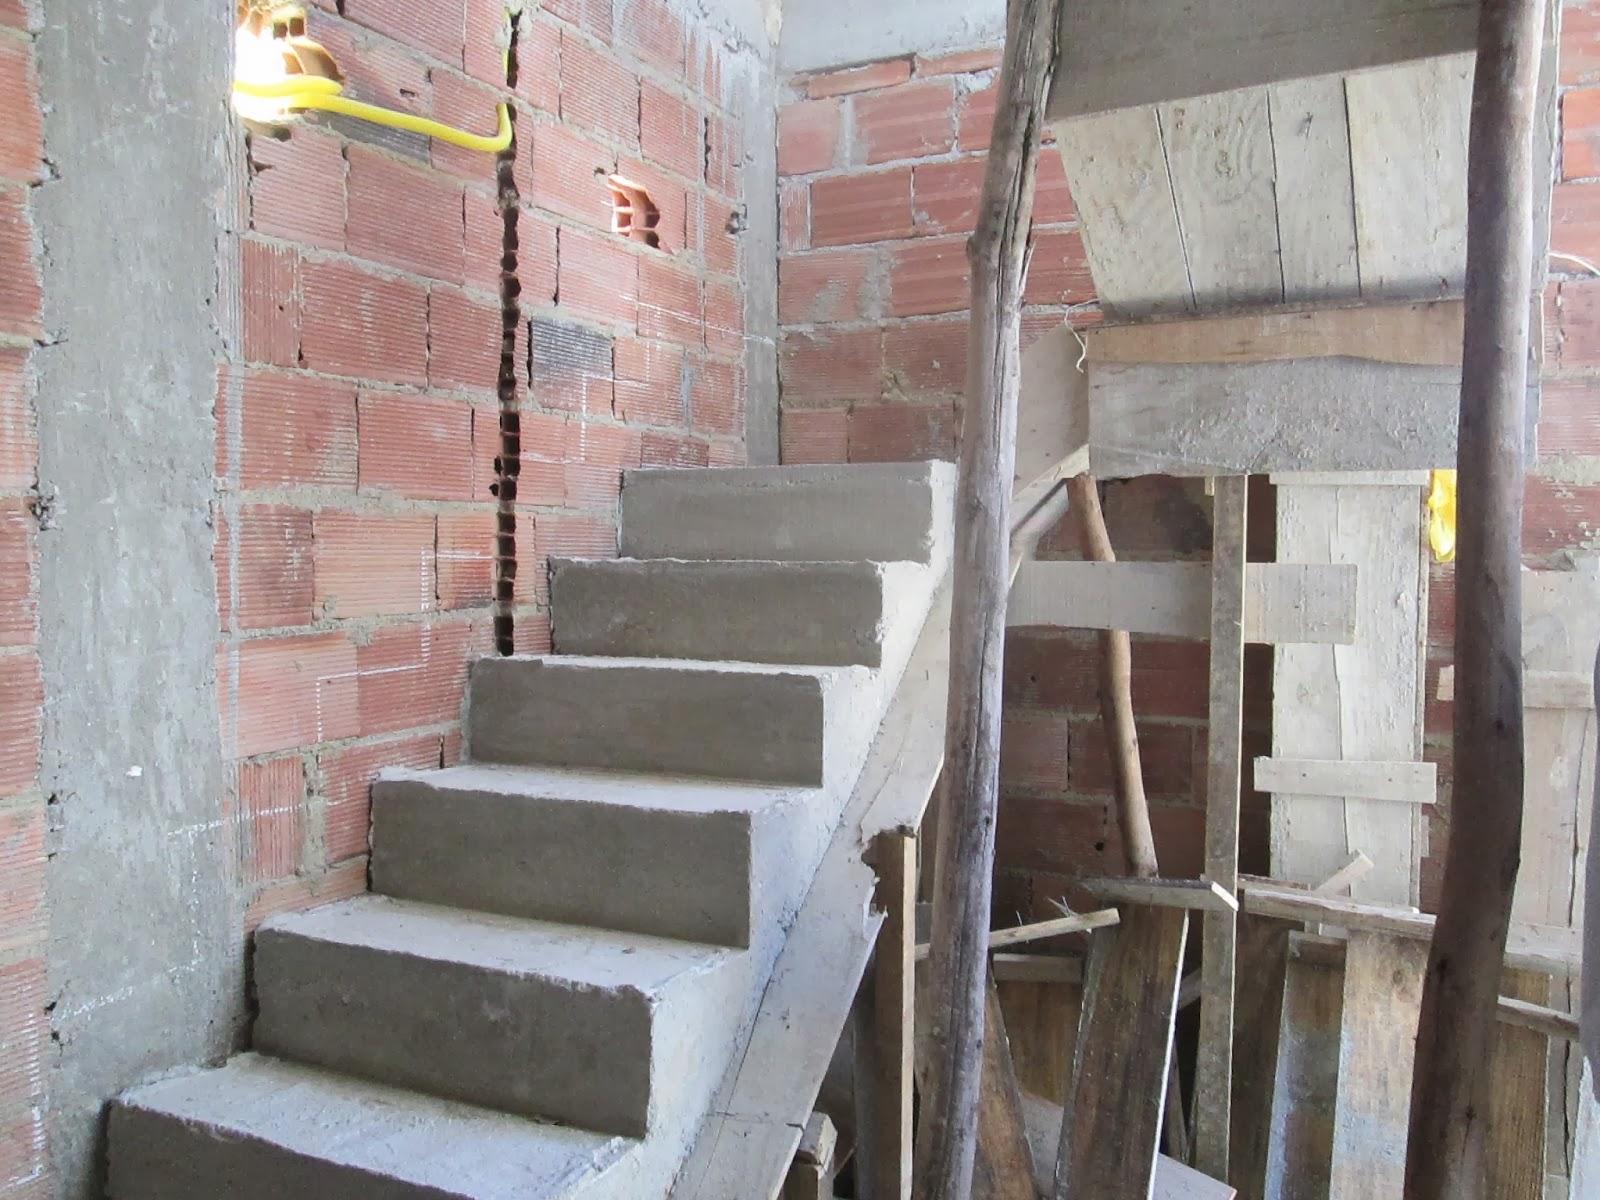 Construindo e Reformando: Balanço de seis meses de obra #7B6850 1600 1200